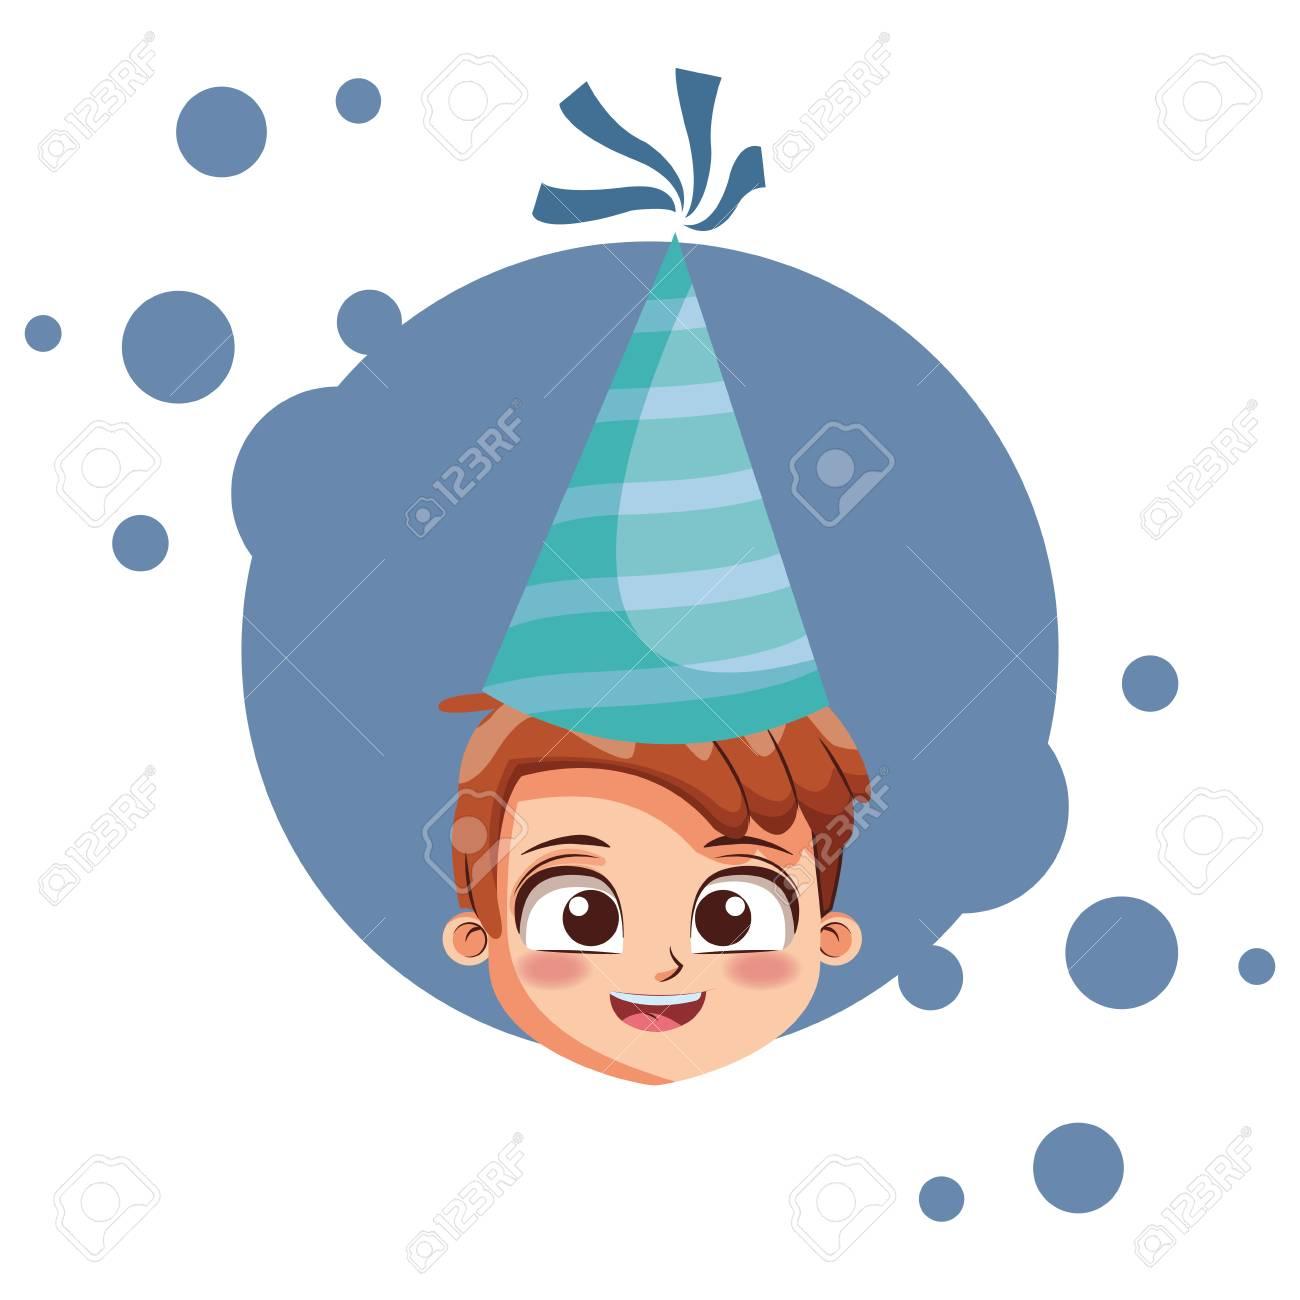 Boy With Birthday Hat Cartoon Over Blue Grunge Background Vector Illustration Graphic Design Standard Bild